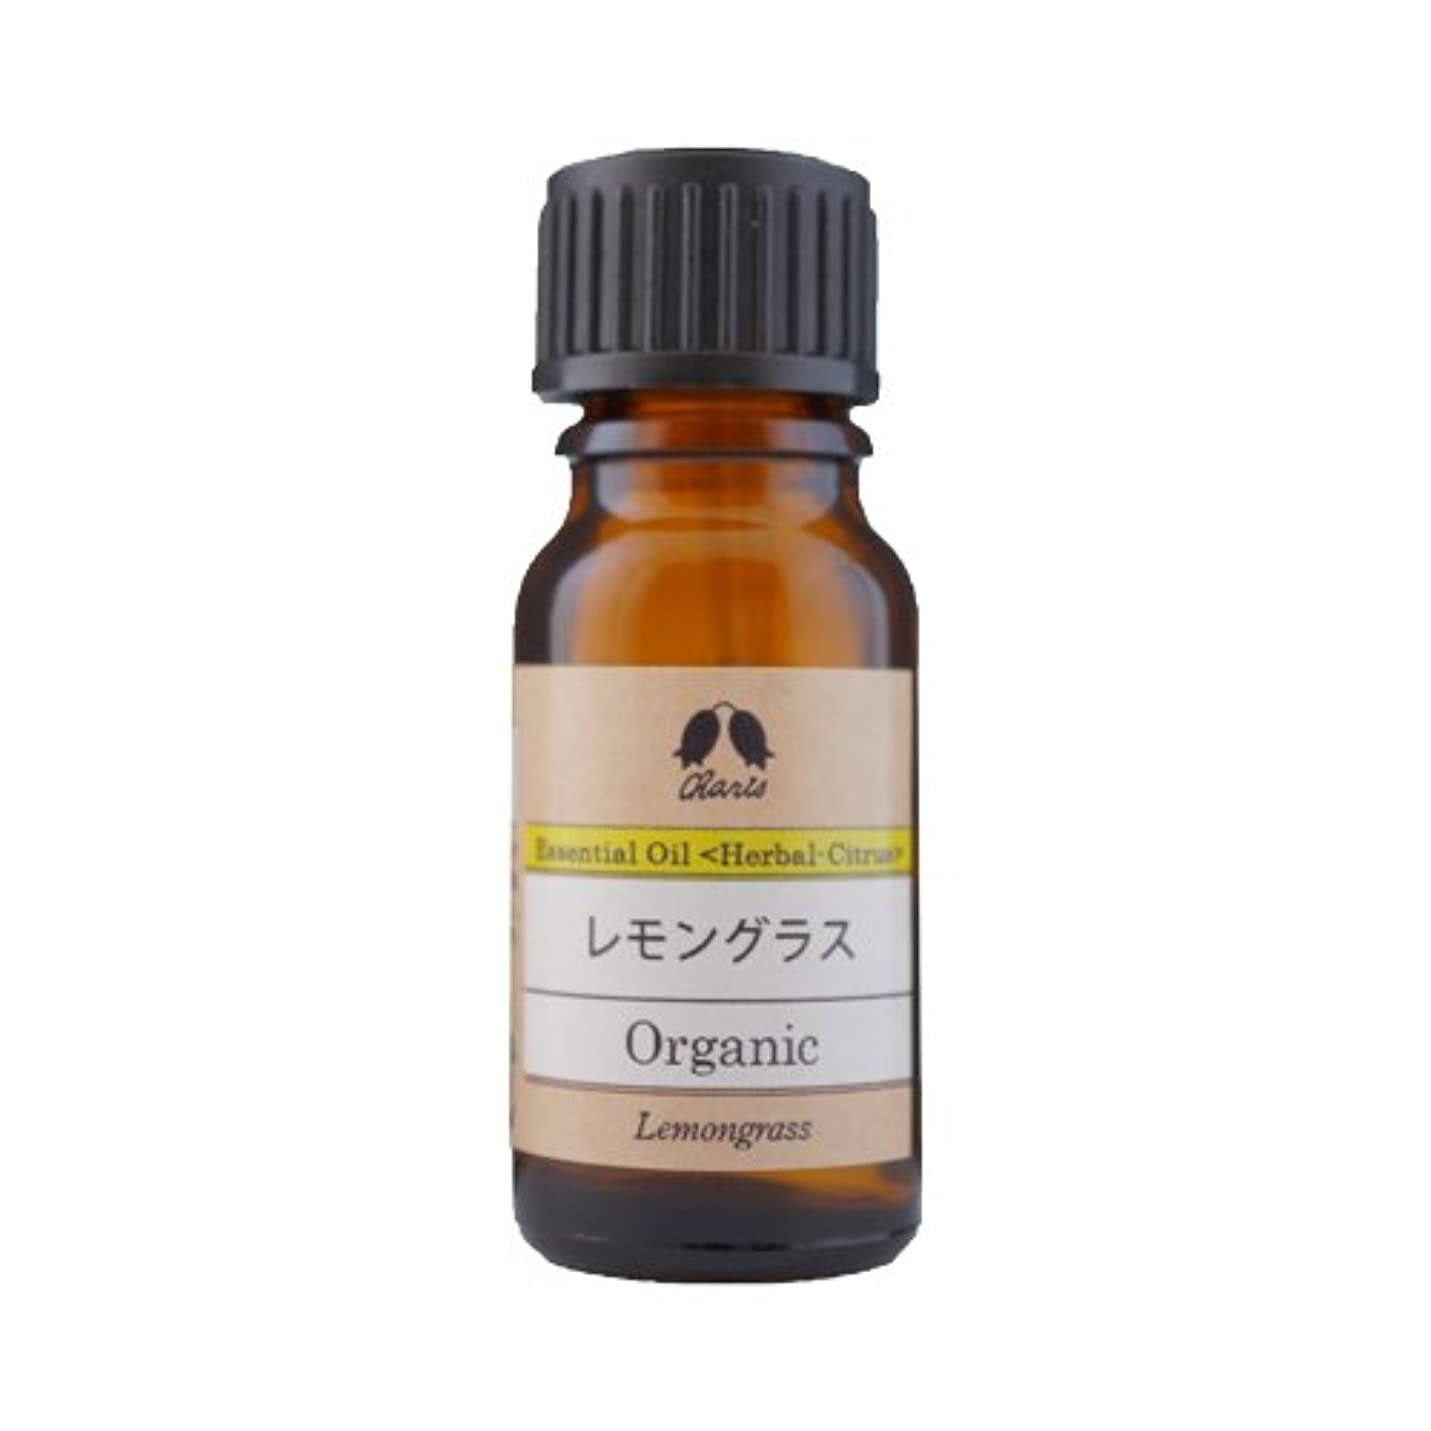 ストライプグループ性能カリス レモングラス オーガニック オイル 10ml